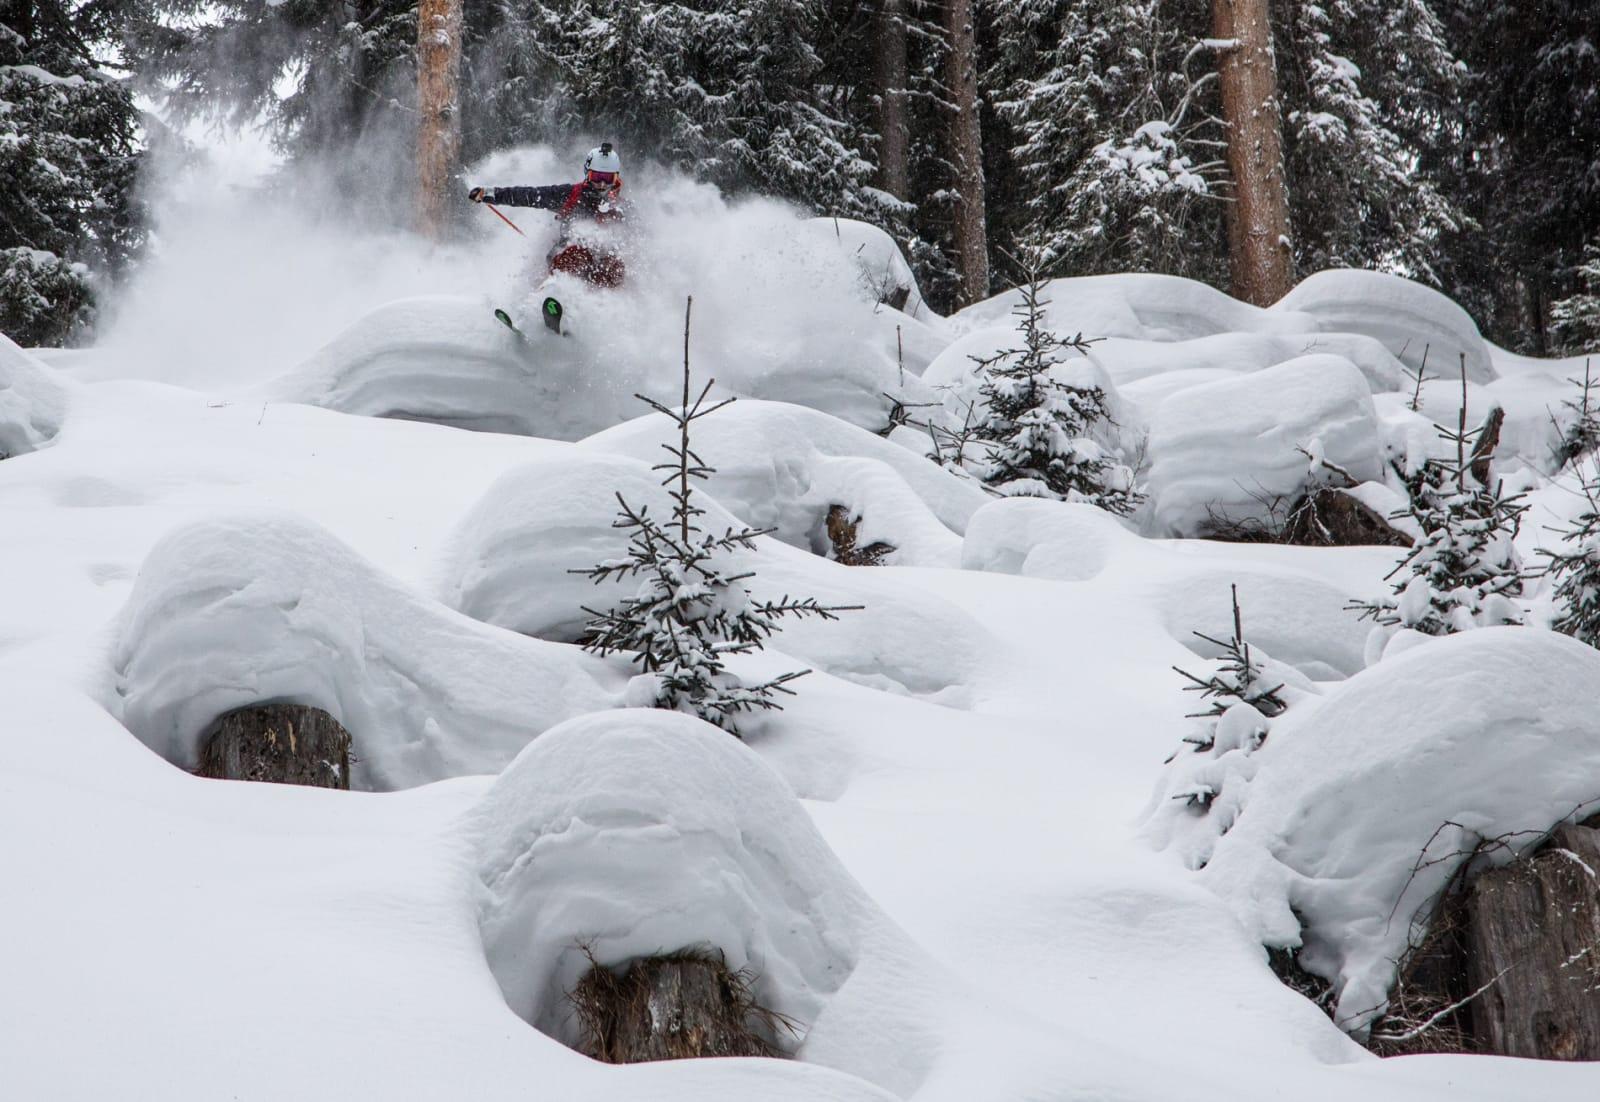 NORGESMESTEREN: Endelig skulle den evige toeren få sitt gjennombrudd. I forrige vinters Norgescup dro Øystein Aasheim hjem sammenlagtseieren. Bilde: Bård Gundersen